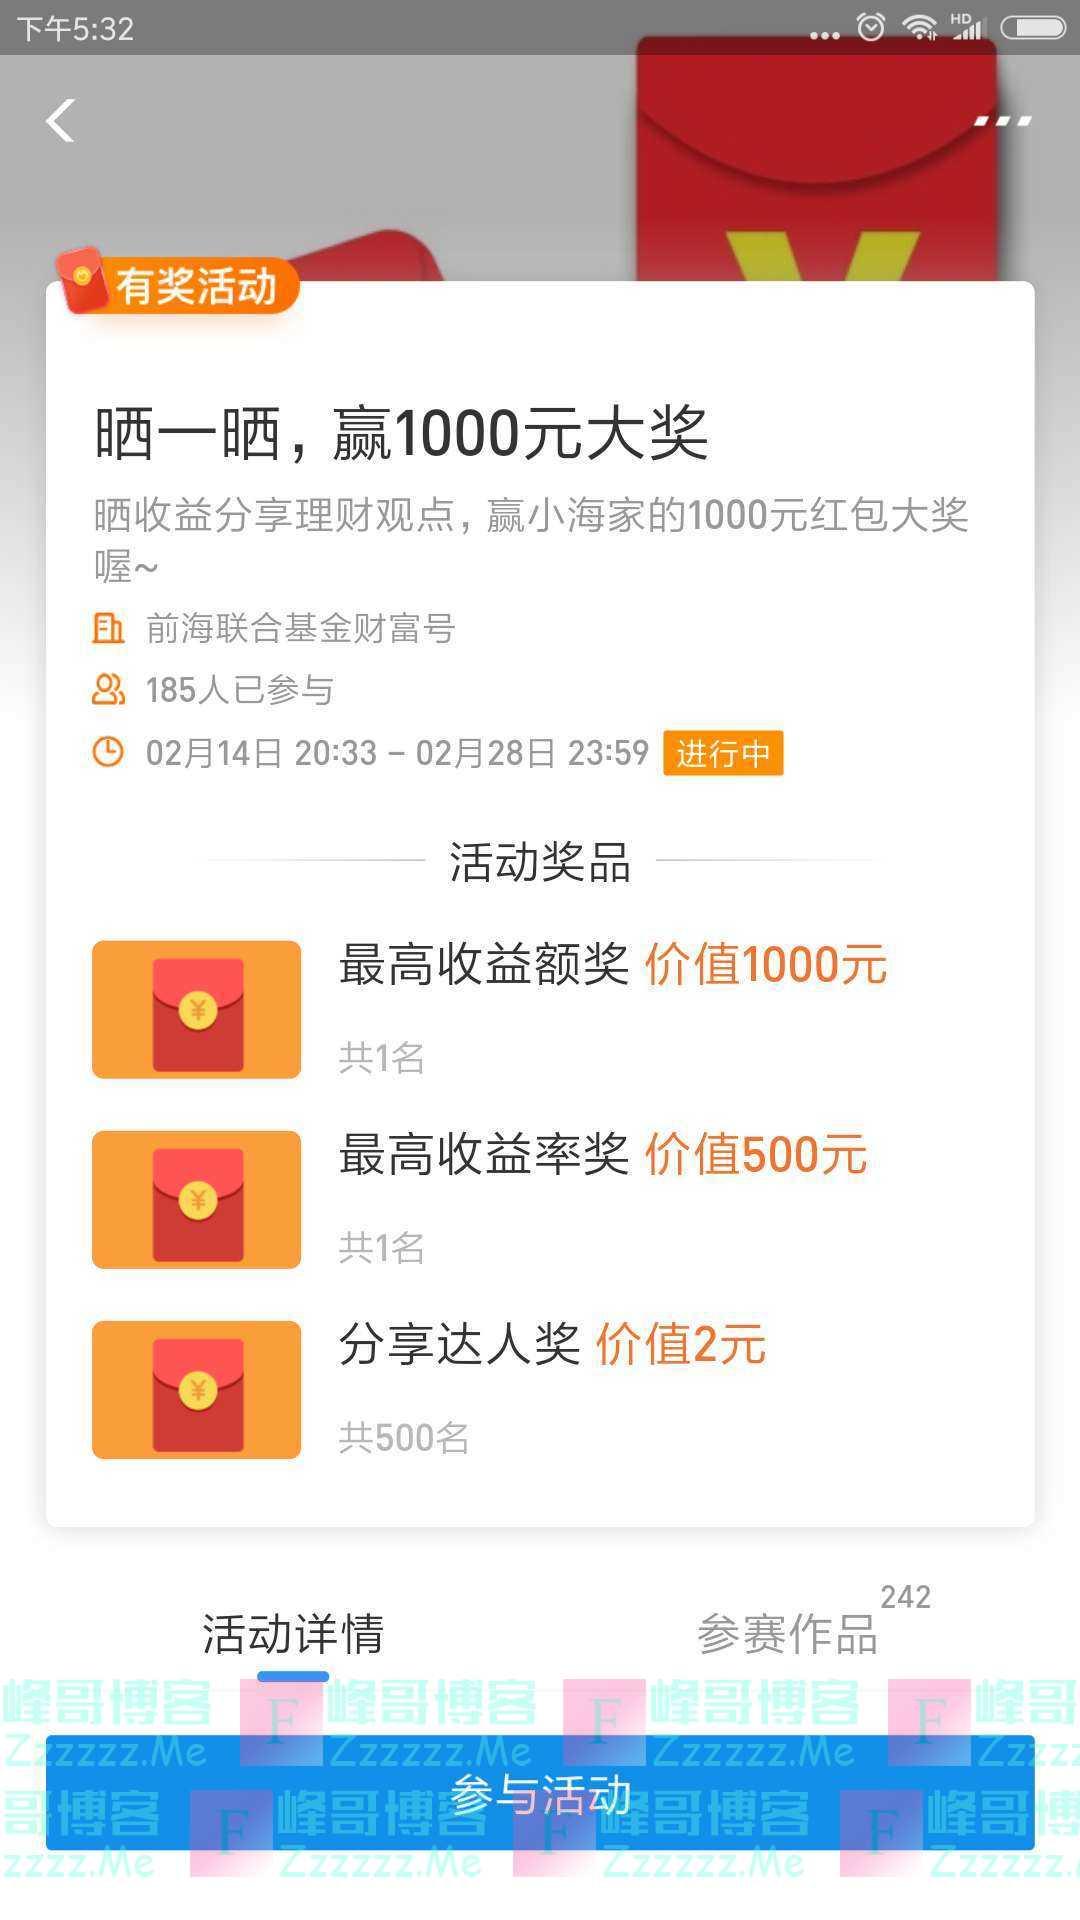 前海联合基金晒一晒 赢1000元大奖(截止2月28日)